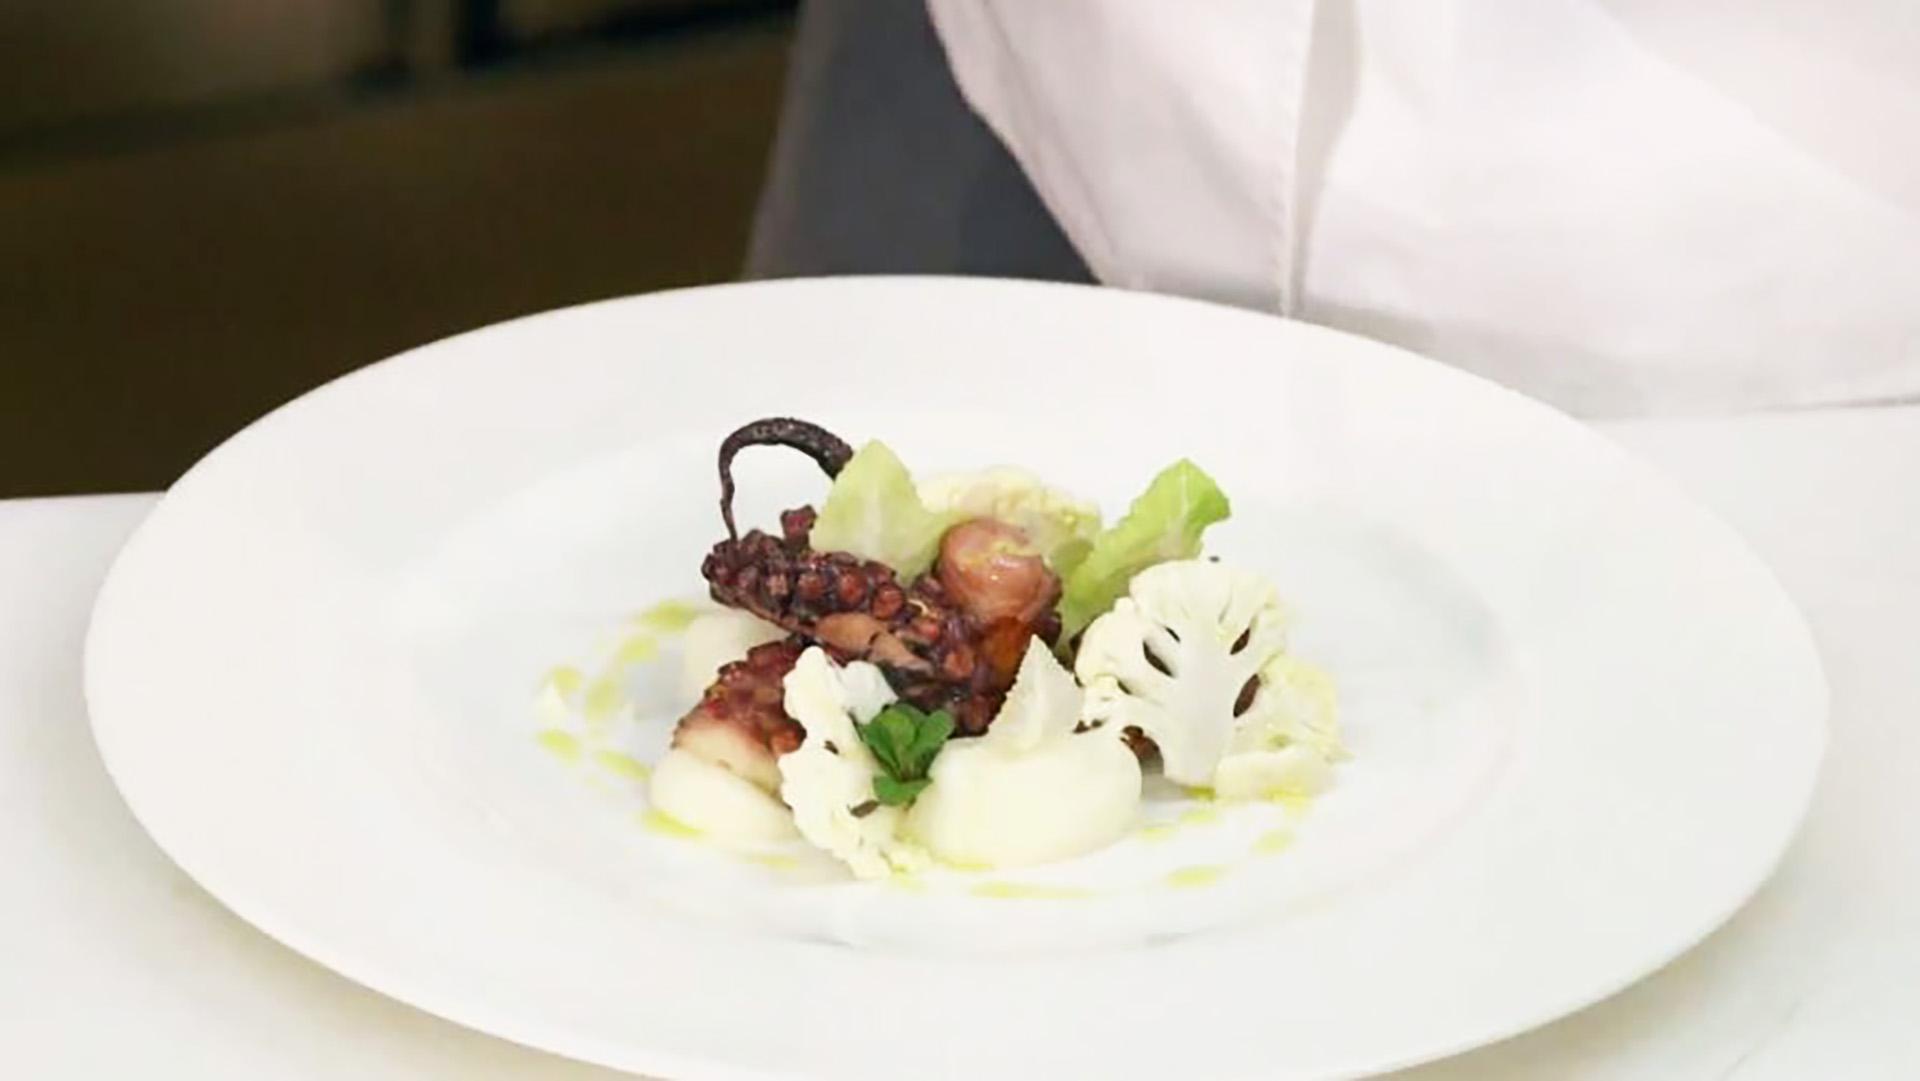 Cucine da incubo 3 ricette  Ricette popolari sito culinario